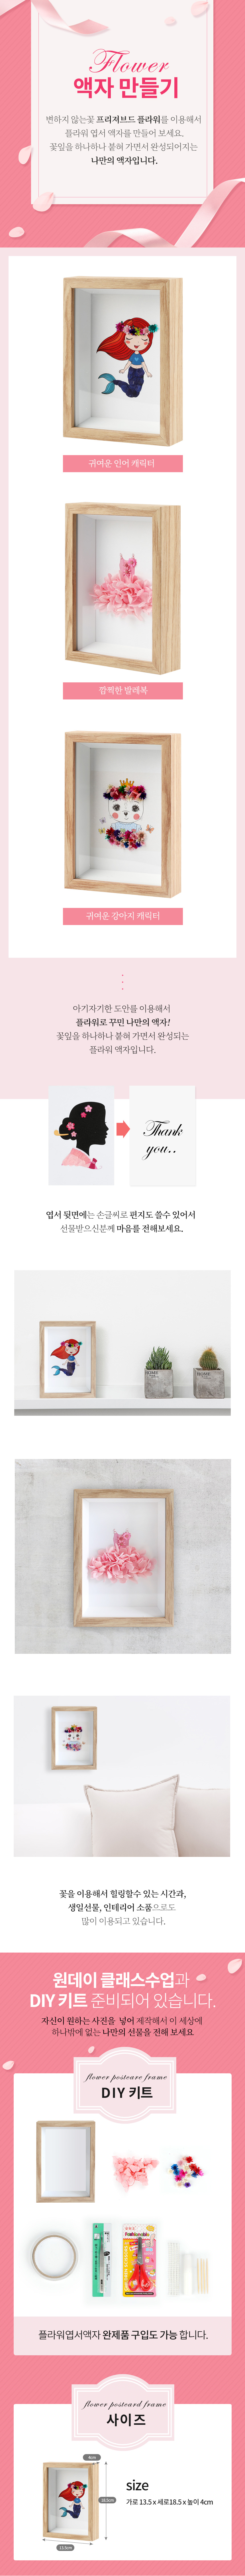 플라워엽서액자  DIY키트 - 제이아트, 16,900원, 압화 공예, 열쇠고리/소품 패키지